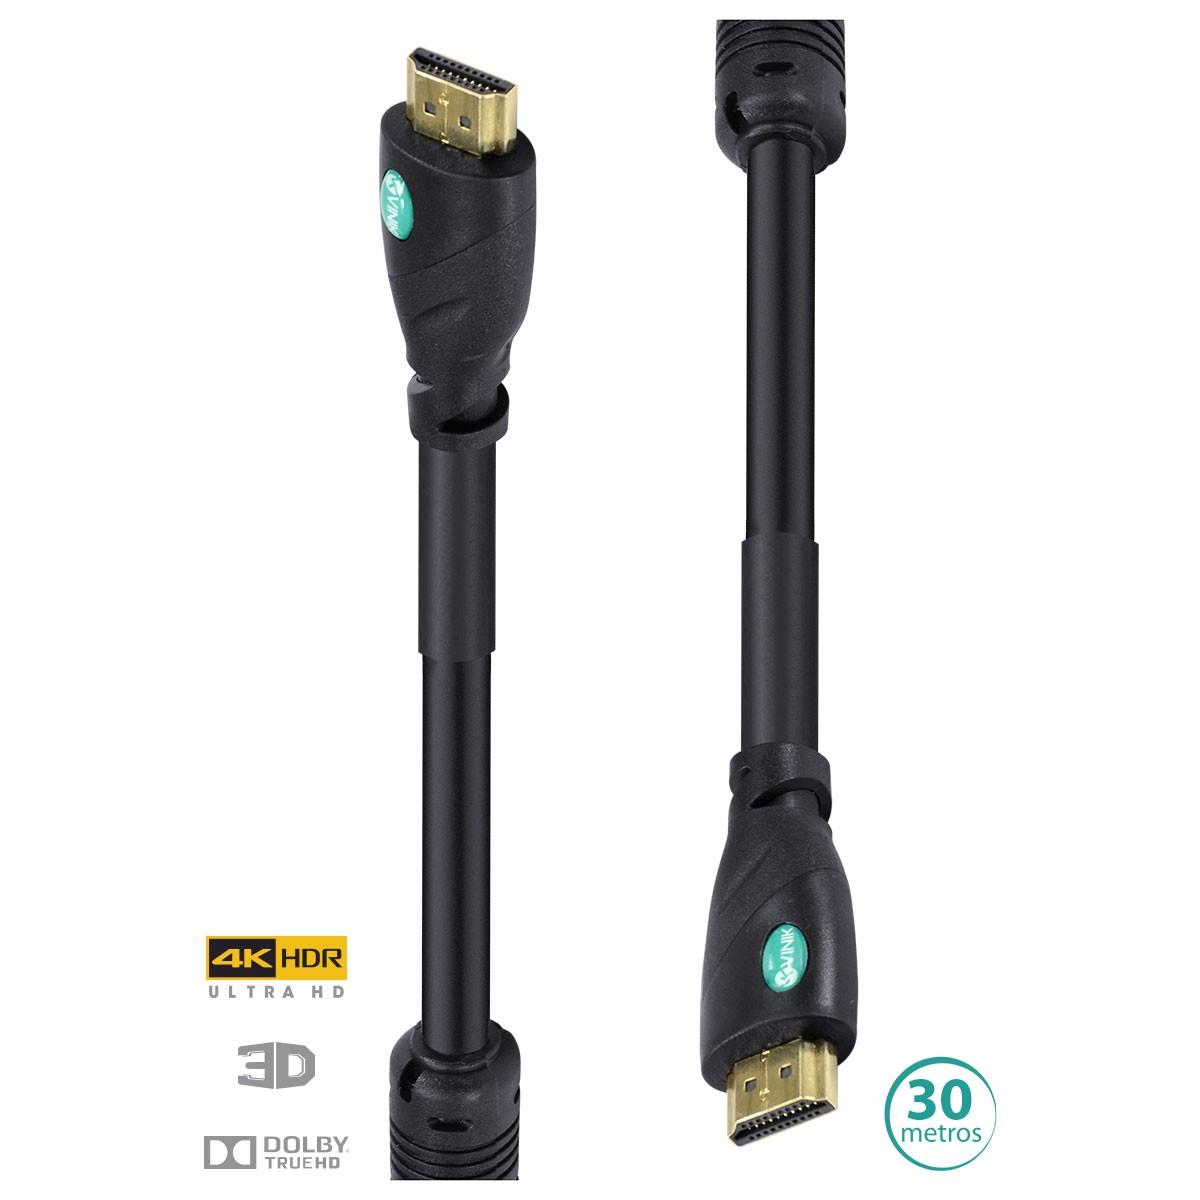 CABO HDMI 2.0 4K ULTRA HD 3D CONEXÃO ETHERNET COM FILTRO 30 METROS - H20F-30  - Audio Video & cia